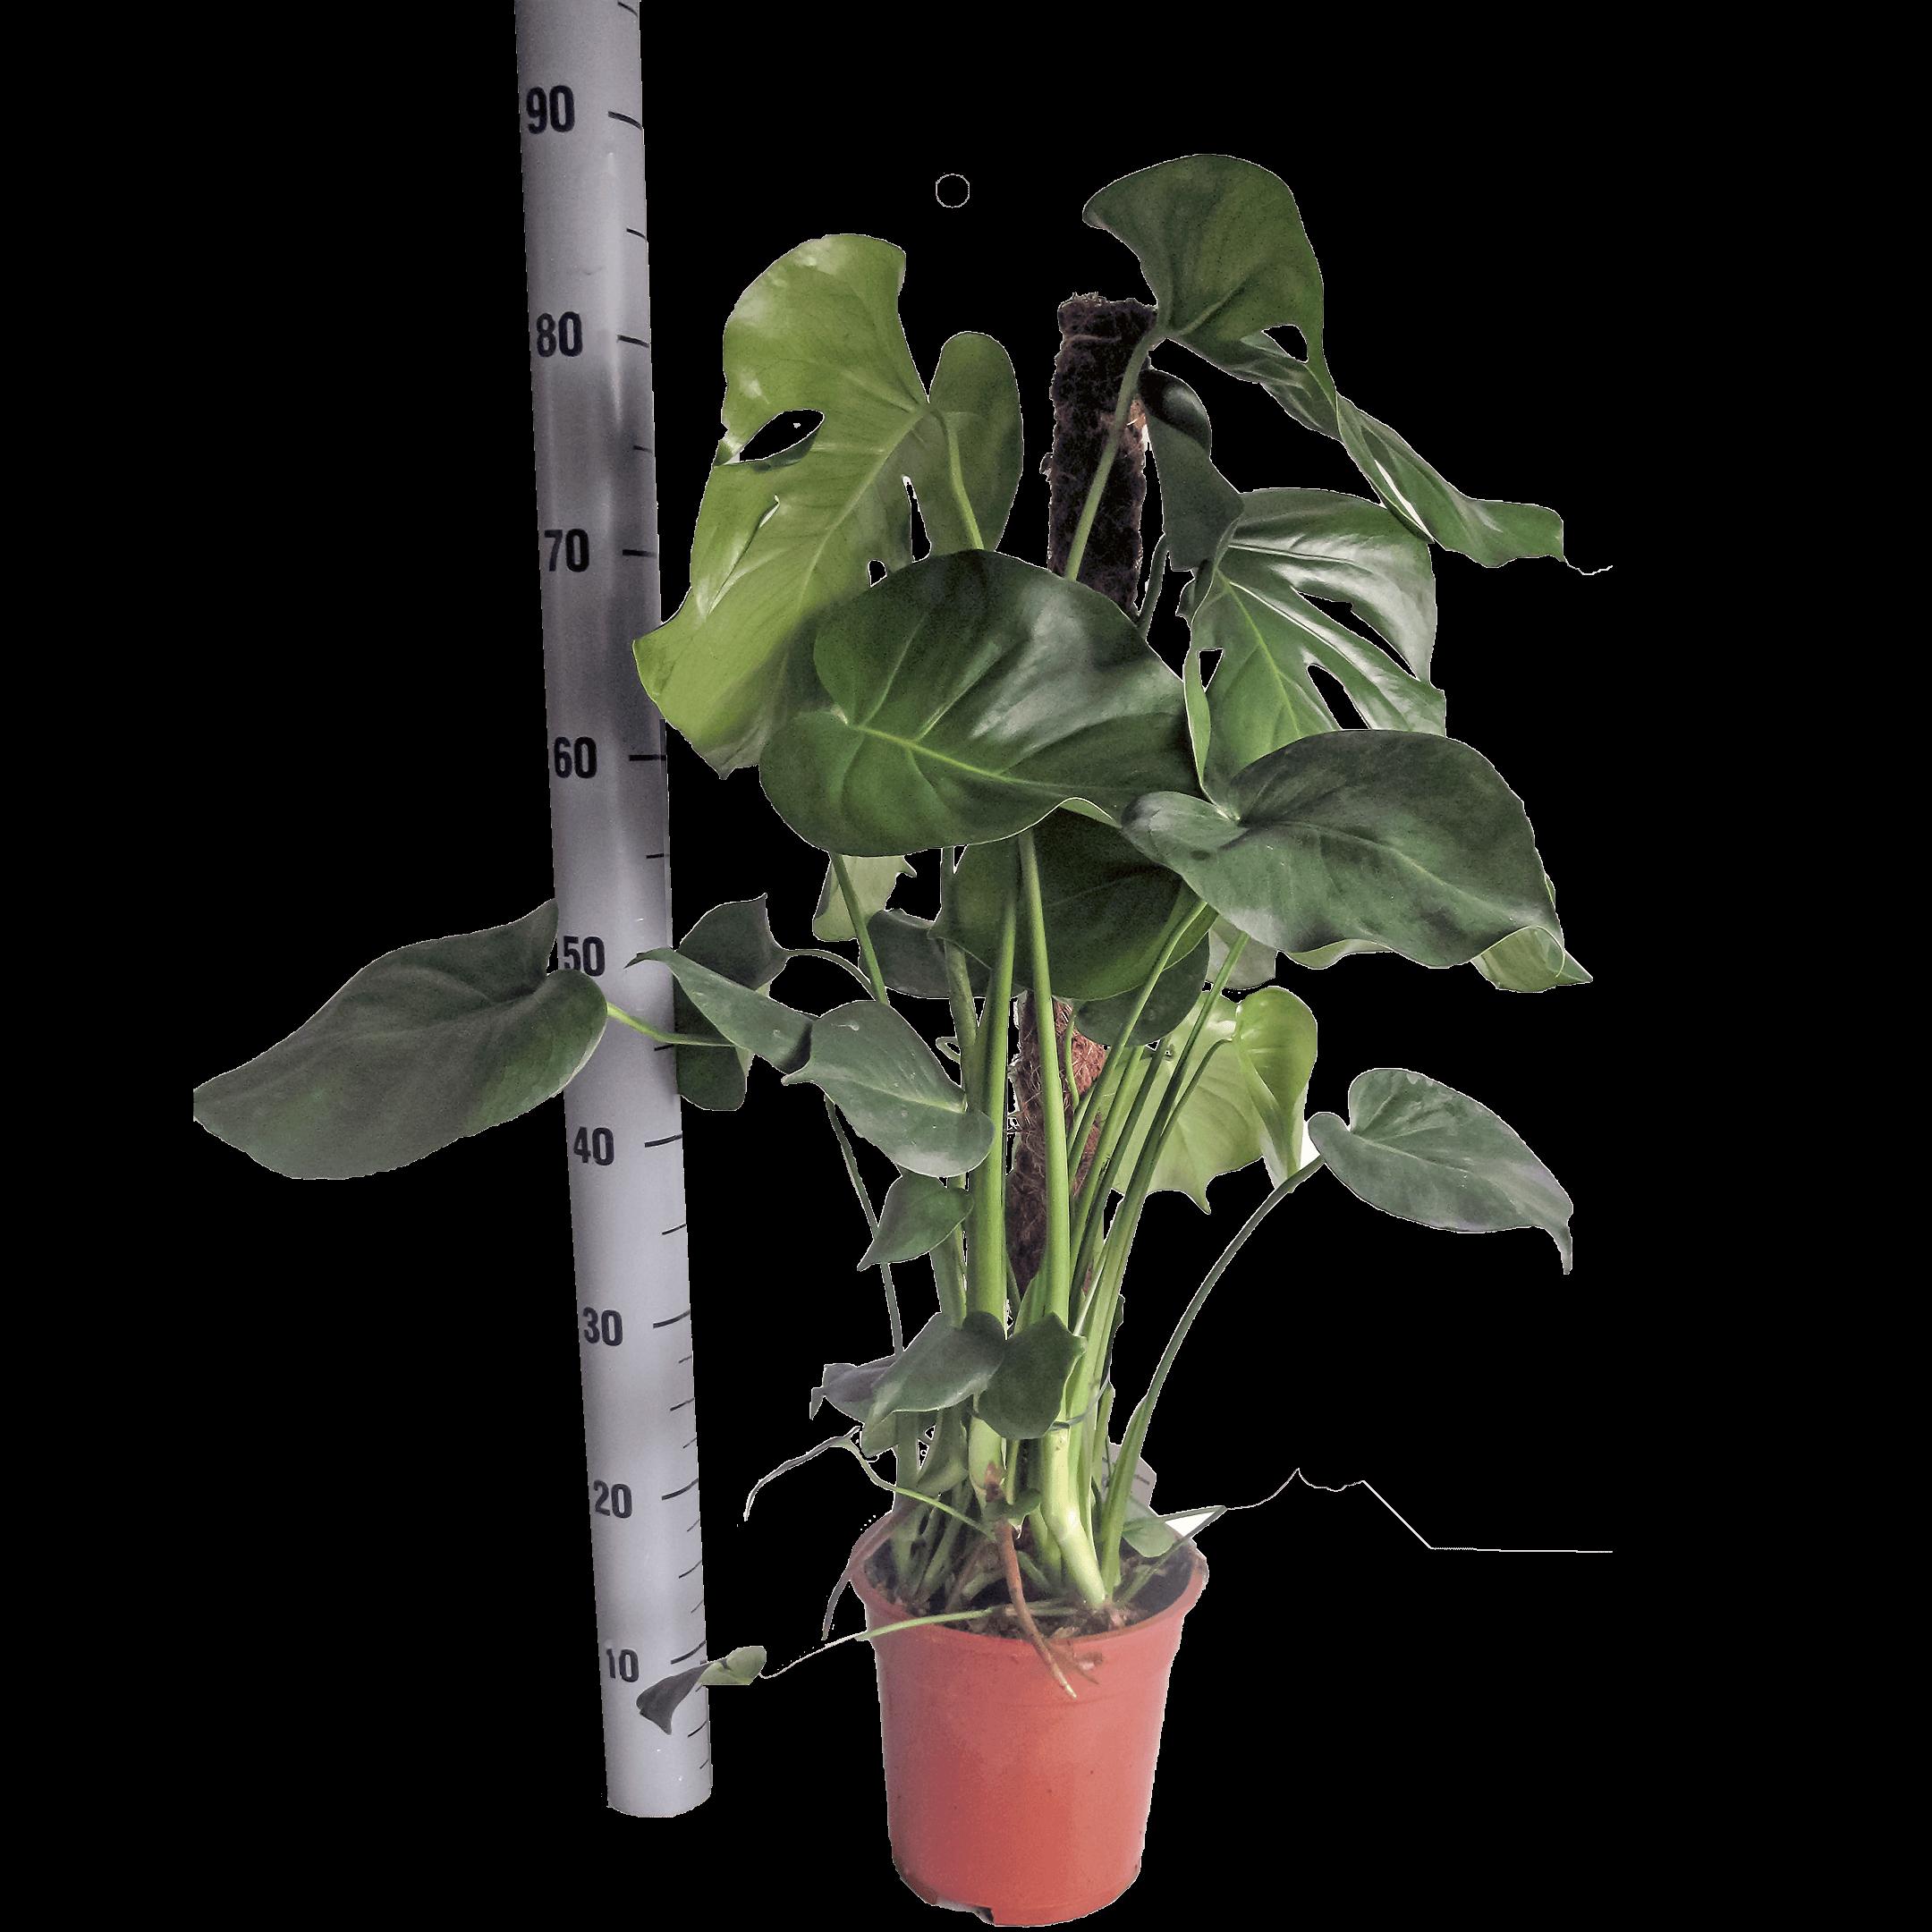 Bild: Köstliches Fensterblatt (Topfmass 17 Zentimeter) Monstera deliciosa.